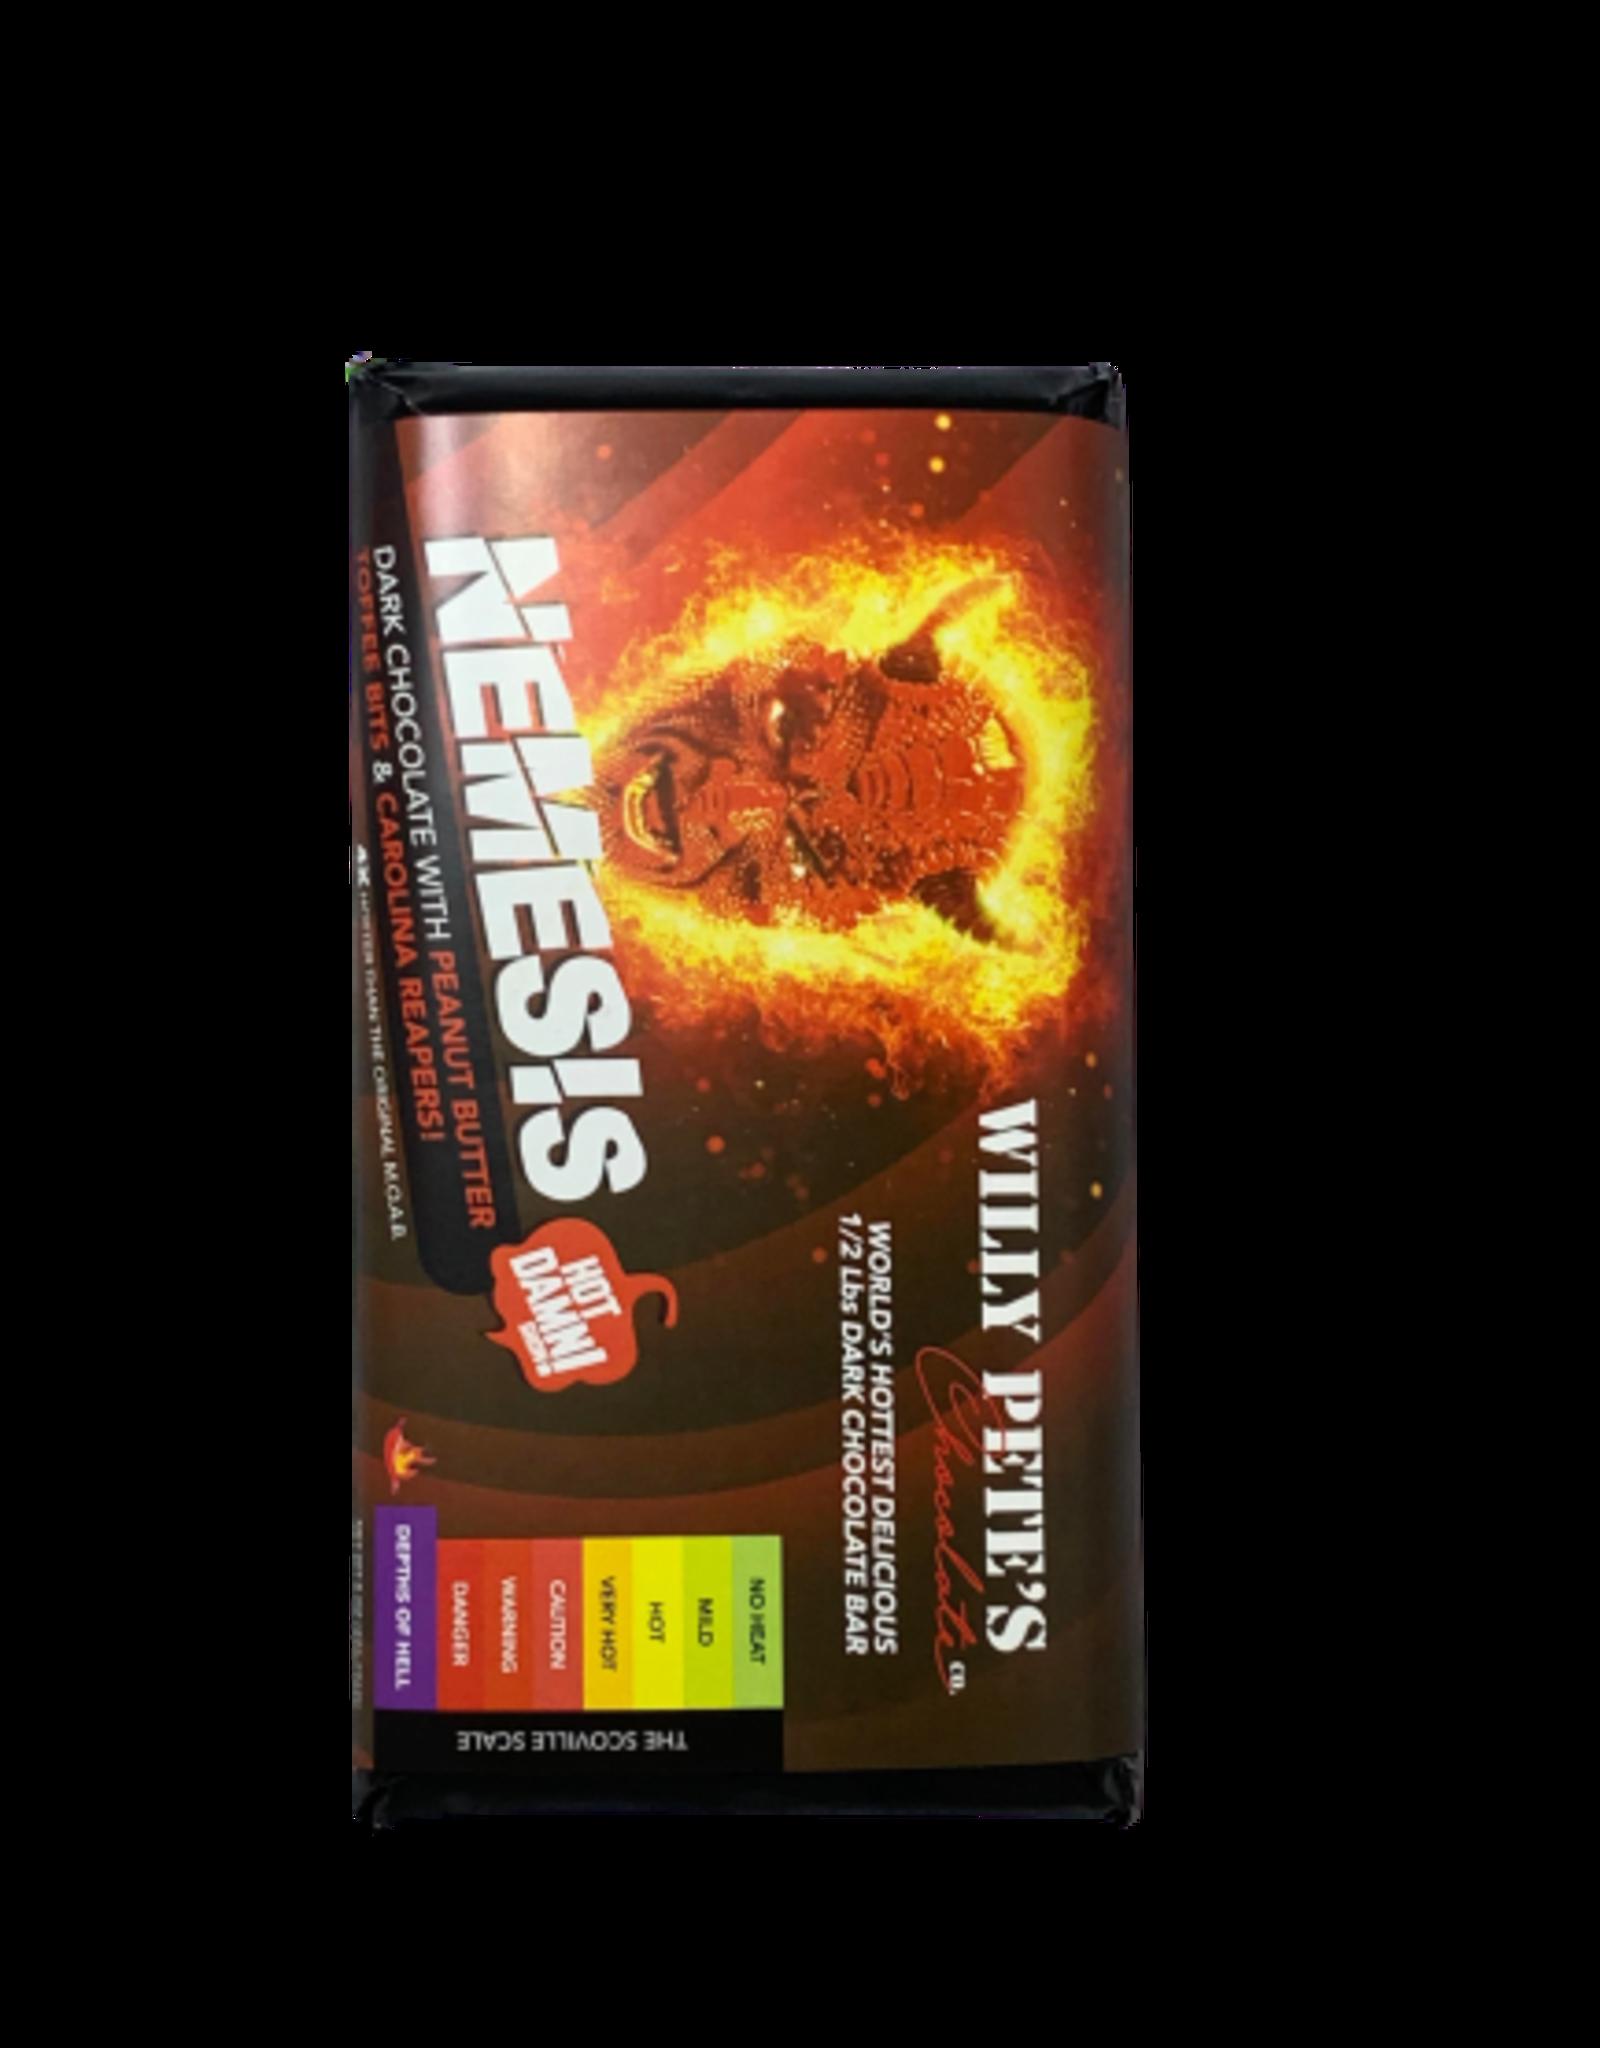 Willy pete's Nemesis